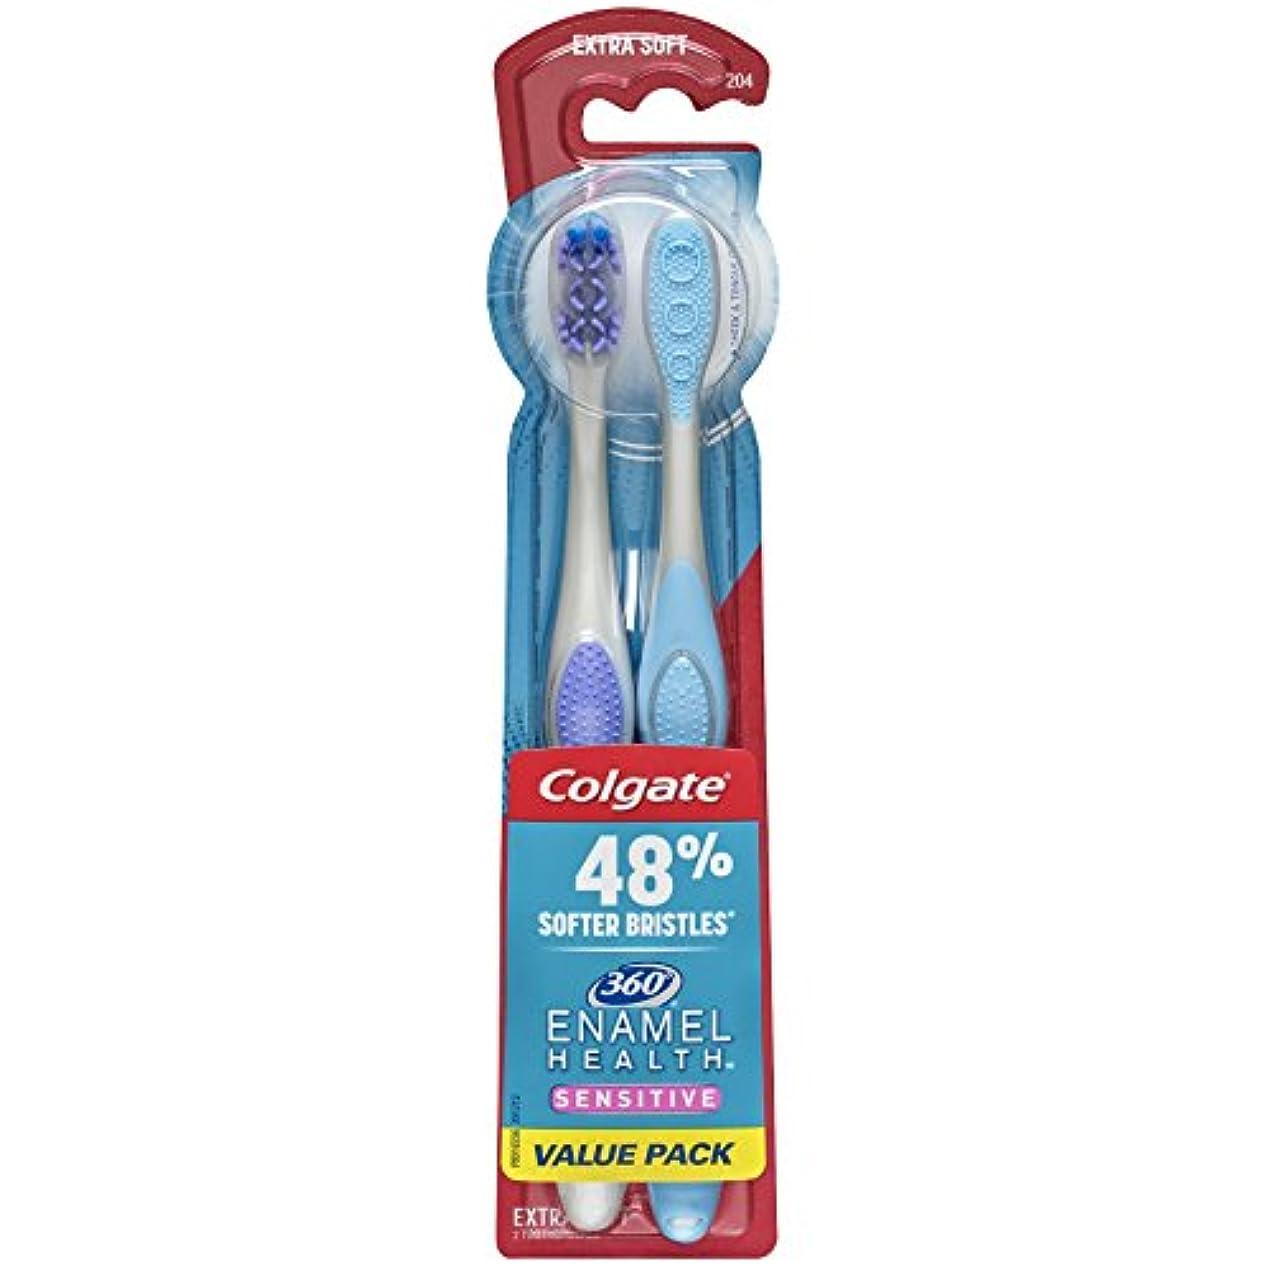 第架空の引っ張るColgate エナメル健康に敏感な歯ブラシ、エクストラソフト、2カラット